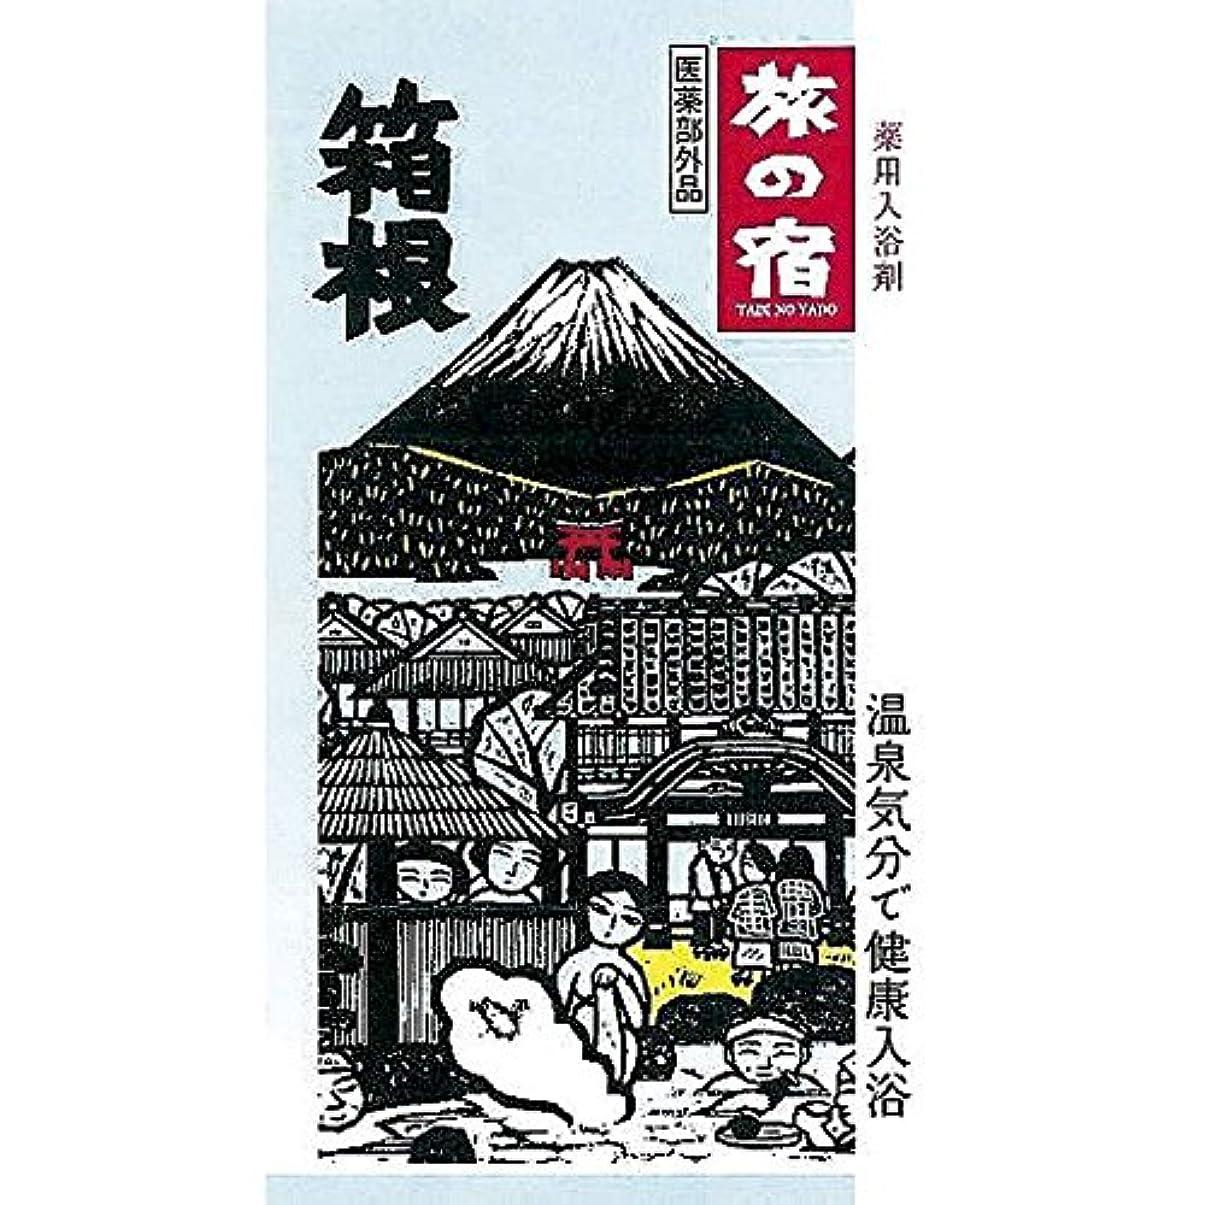 クラシエ 旅の宿 分包(1P) 箱根 80686 (B525-06)